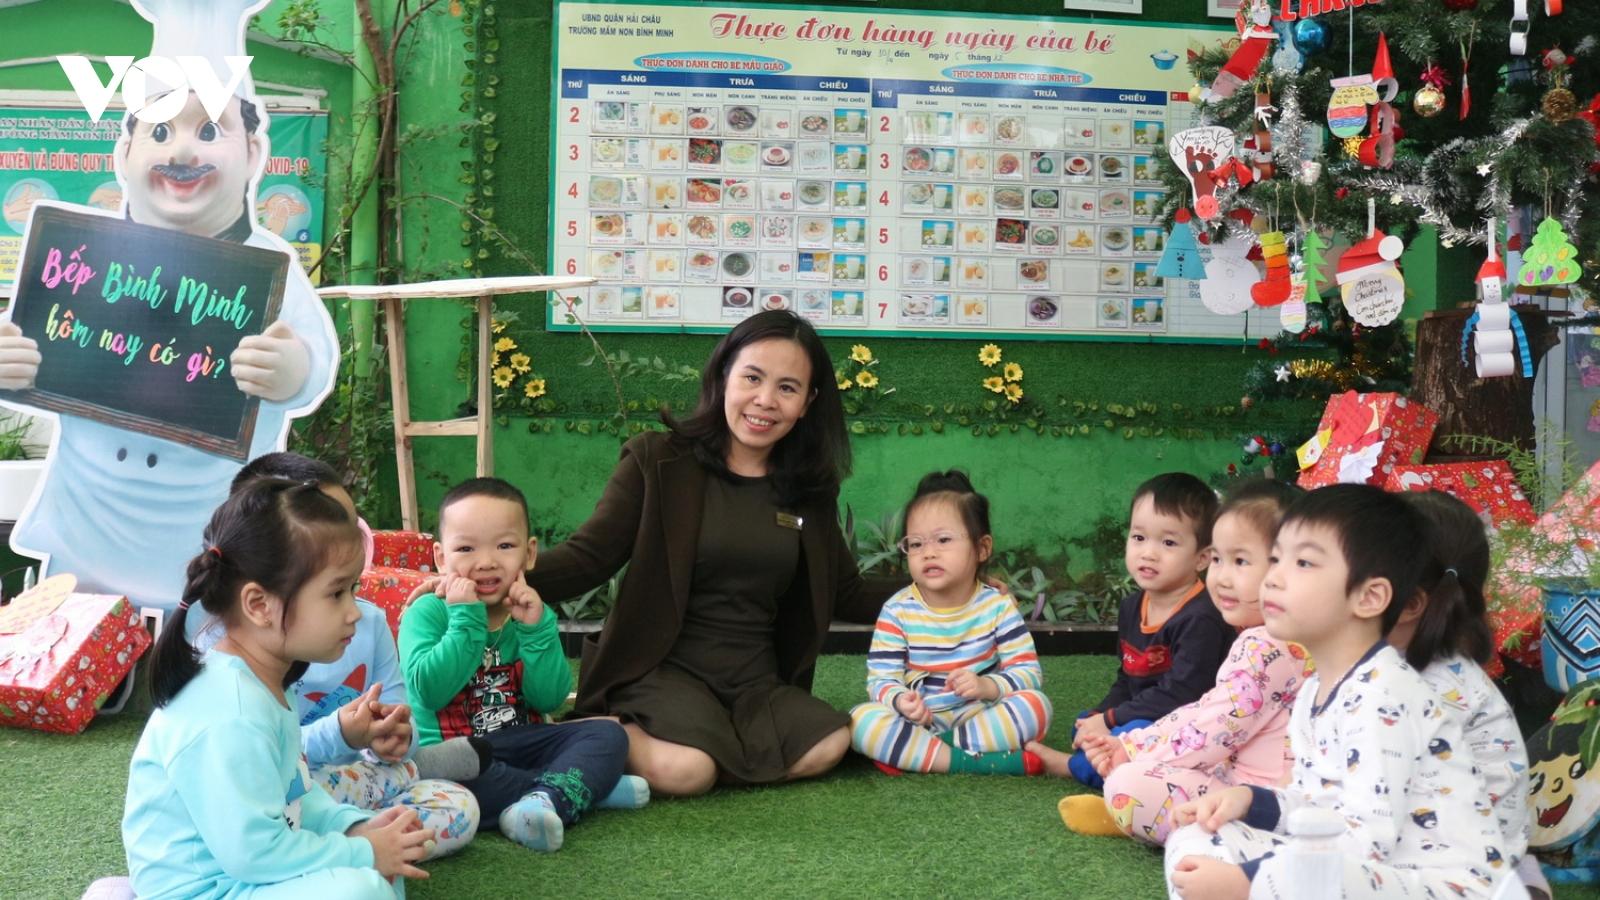 Cô giáo tận tâm với tấm lòng yêu thương con trẻ